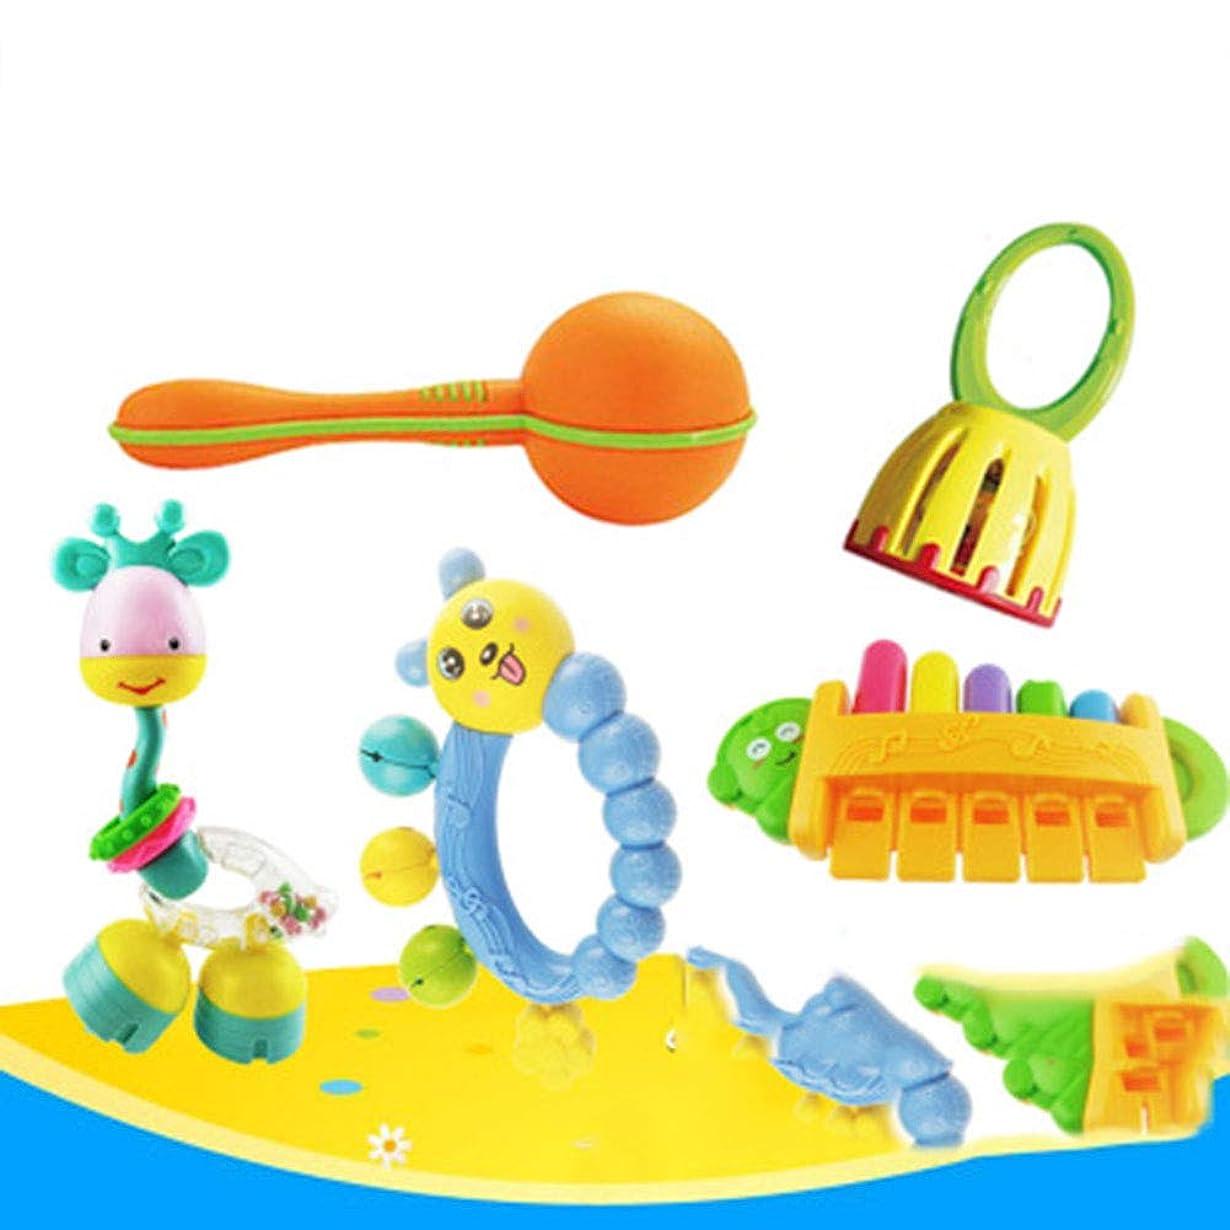 離れた売り手意外赤ちゃんのギフトボックス、赤ちゃんパズルハンドベルハーモニカ子供のおもちゃの組み合わせ、ギフトボックスセット、ギフトギフト、